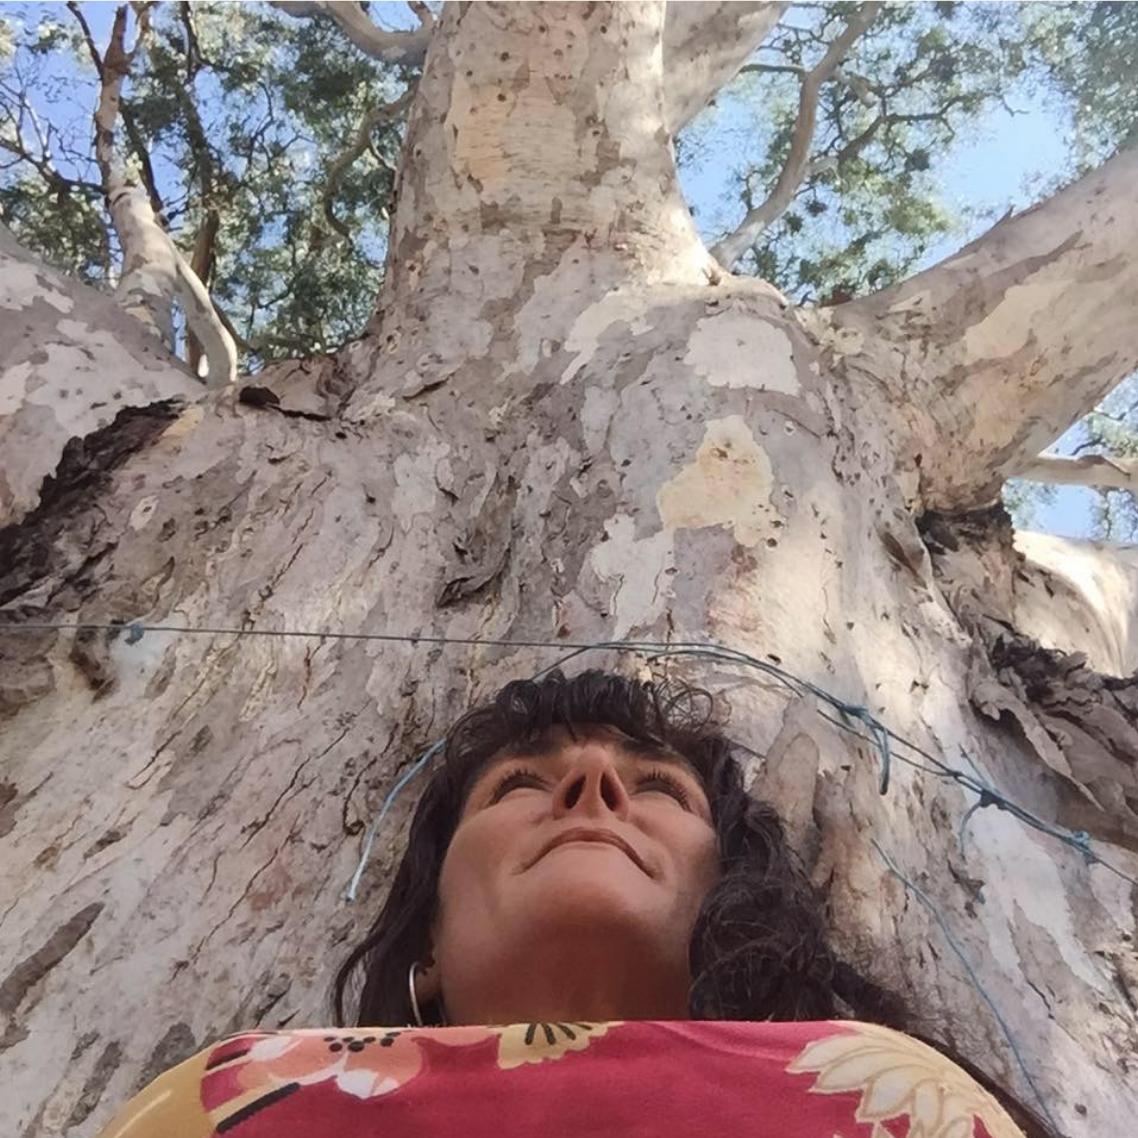 Screen Shot 2019-07-31 at 12.16.09 am.png